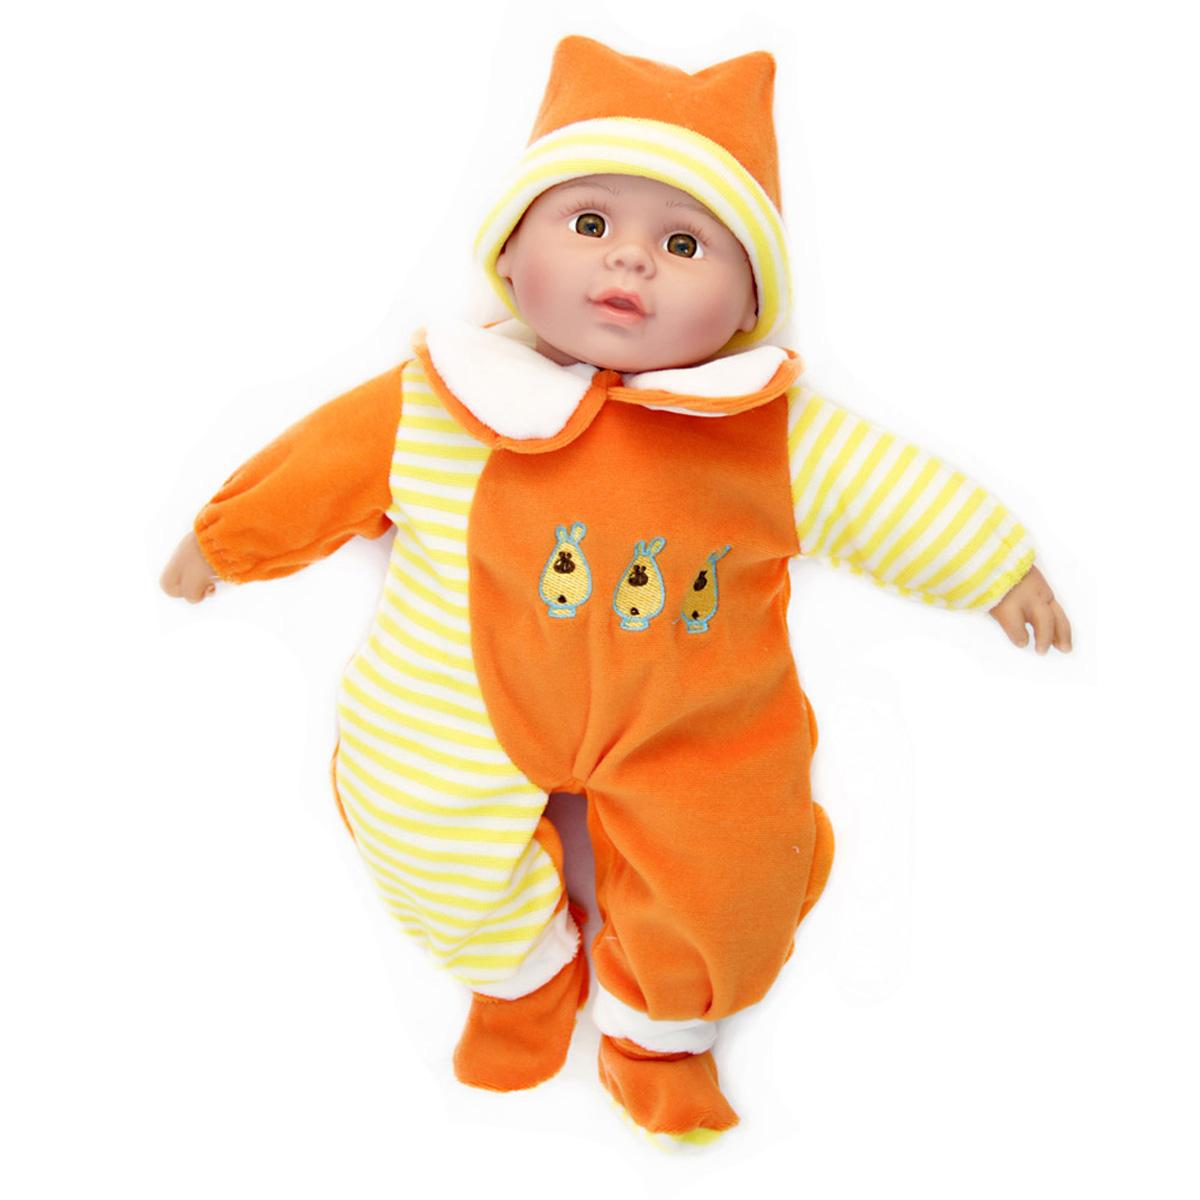 Lisa Jane Пупс озвученный в оранжевом наряде UT-J1648UT-J1648Кукла интерактивная: говорит (более 50 фраз), рассказывает 2 стихотворения, поет песенку про маму. Любимая колыбельная мелодия. Нажми на ручку! Для куклы требуются 3 батарейки типа АА, в состав набора не входят.